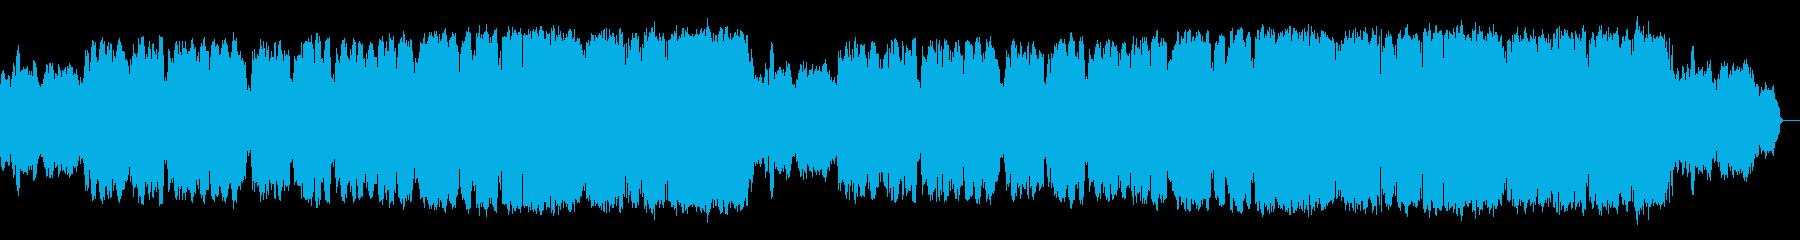 クラリネットが奏でる切ないロカバラ歌謡曲の再生済みの波形